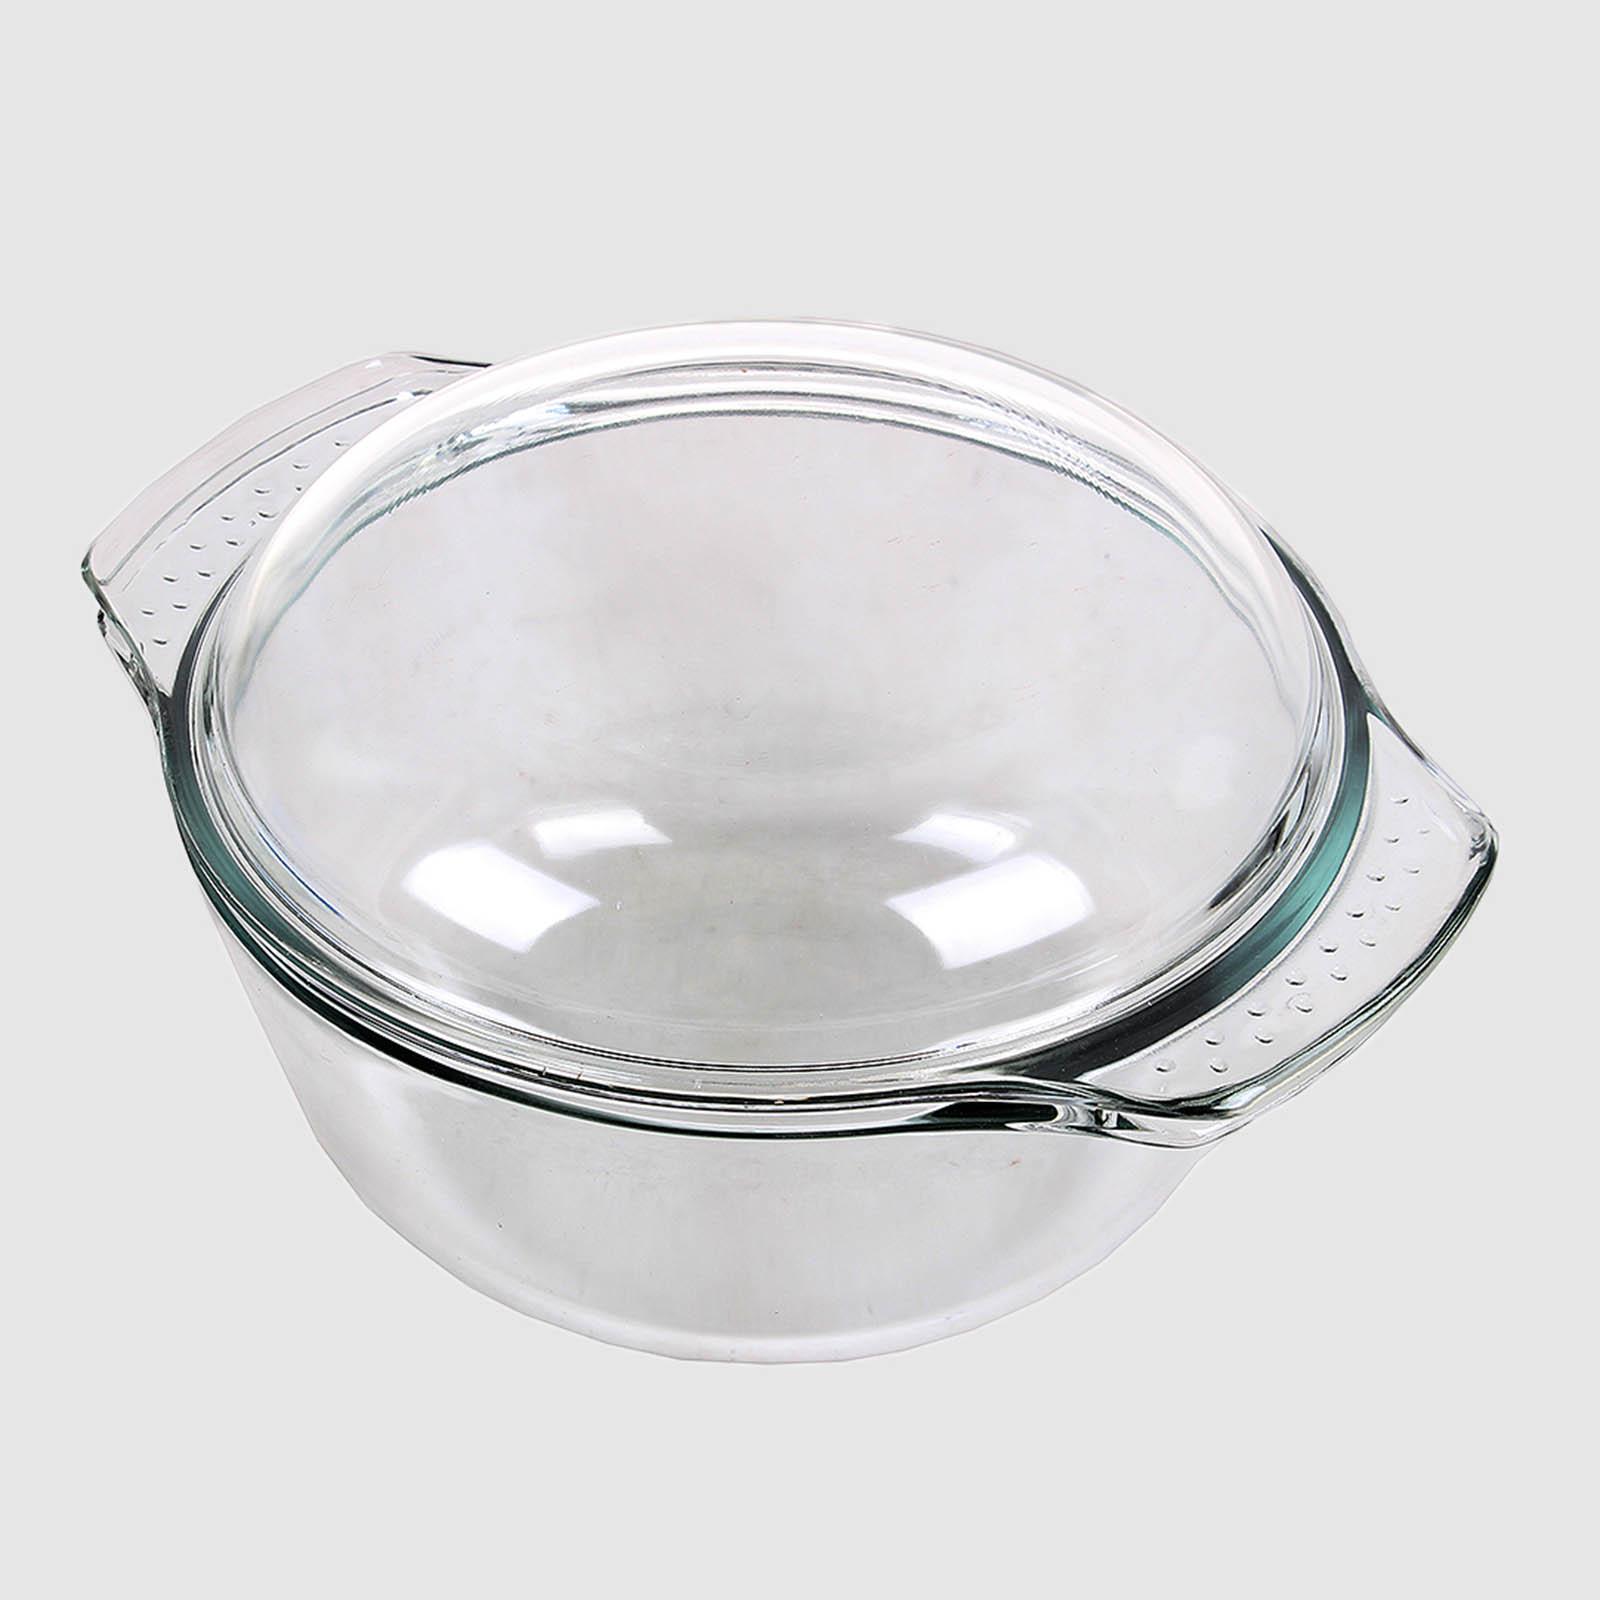 Кастрюля из наностекла  от Unit, 2 литра